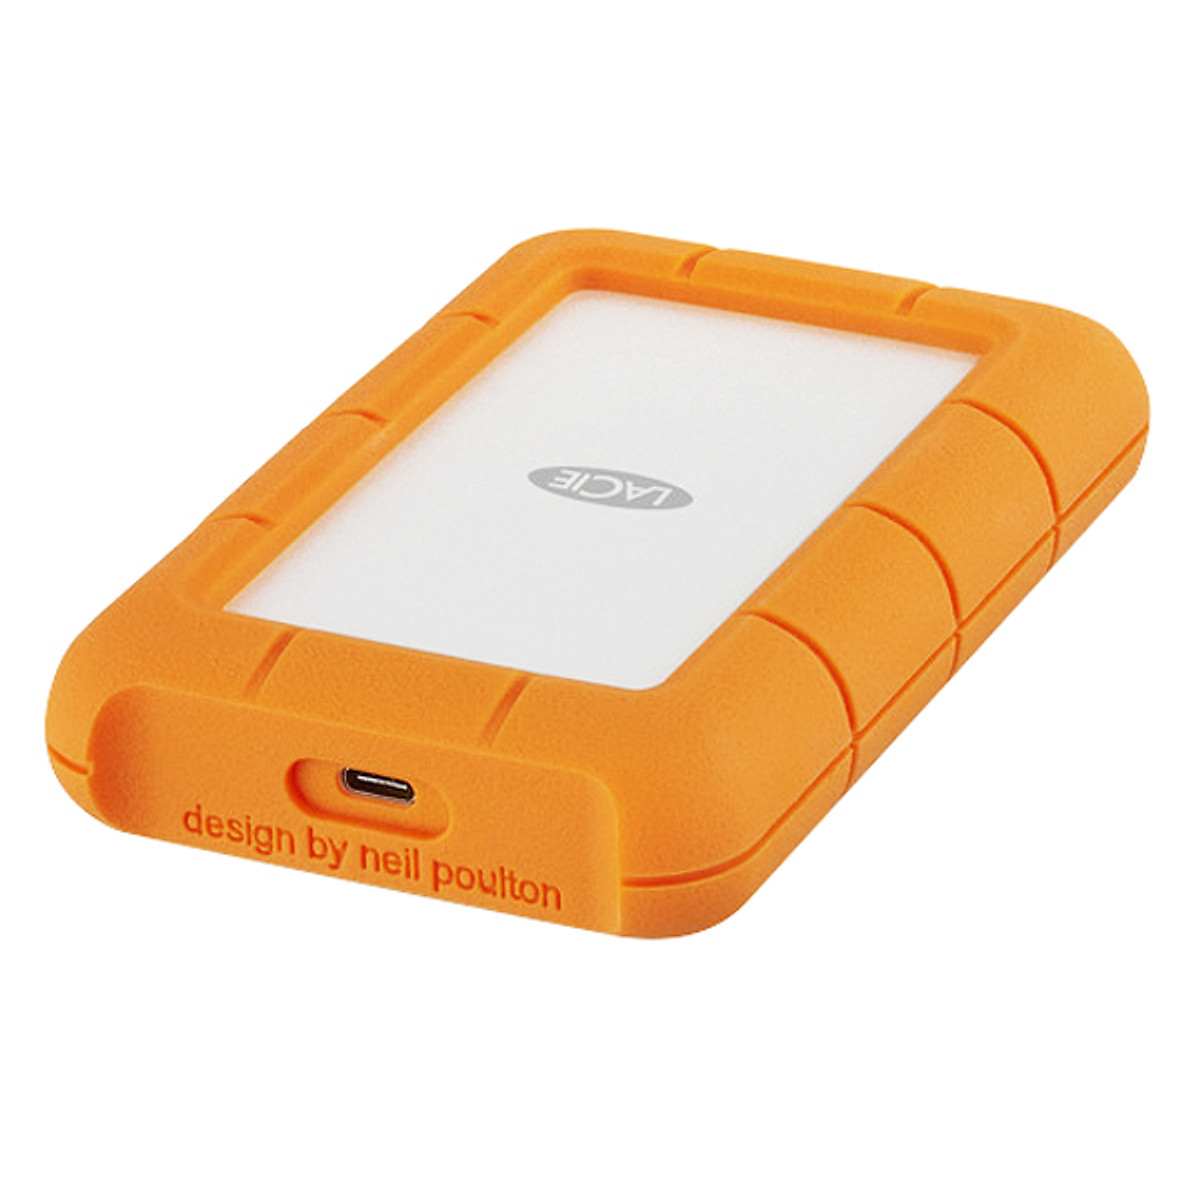 Ổ Cứng Gắn Ngoài Lacie STFR4000800 4TB USB 3.0 Type C – Hàng Chính Hãng